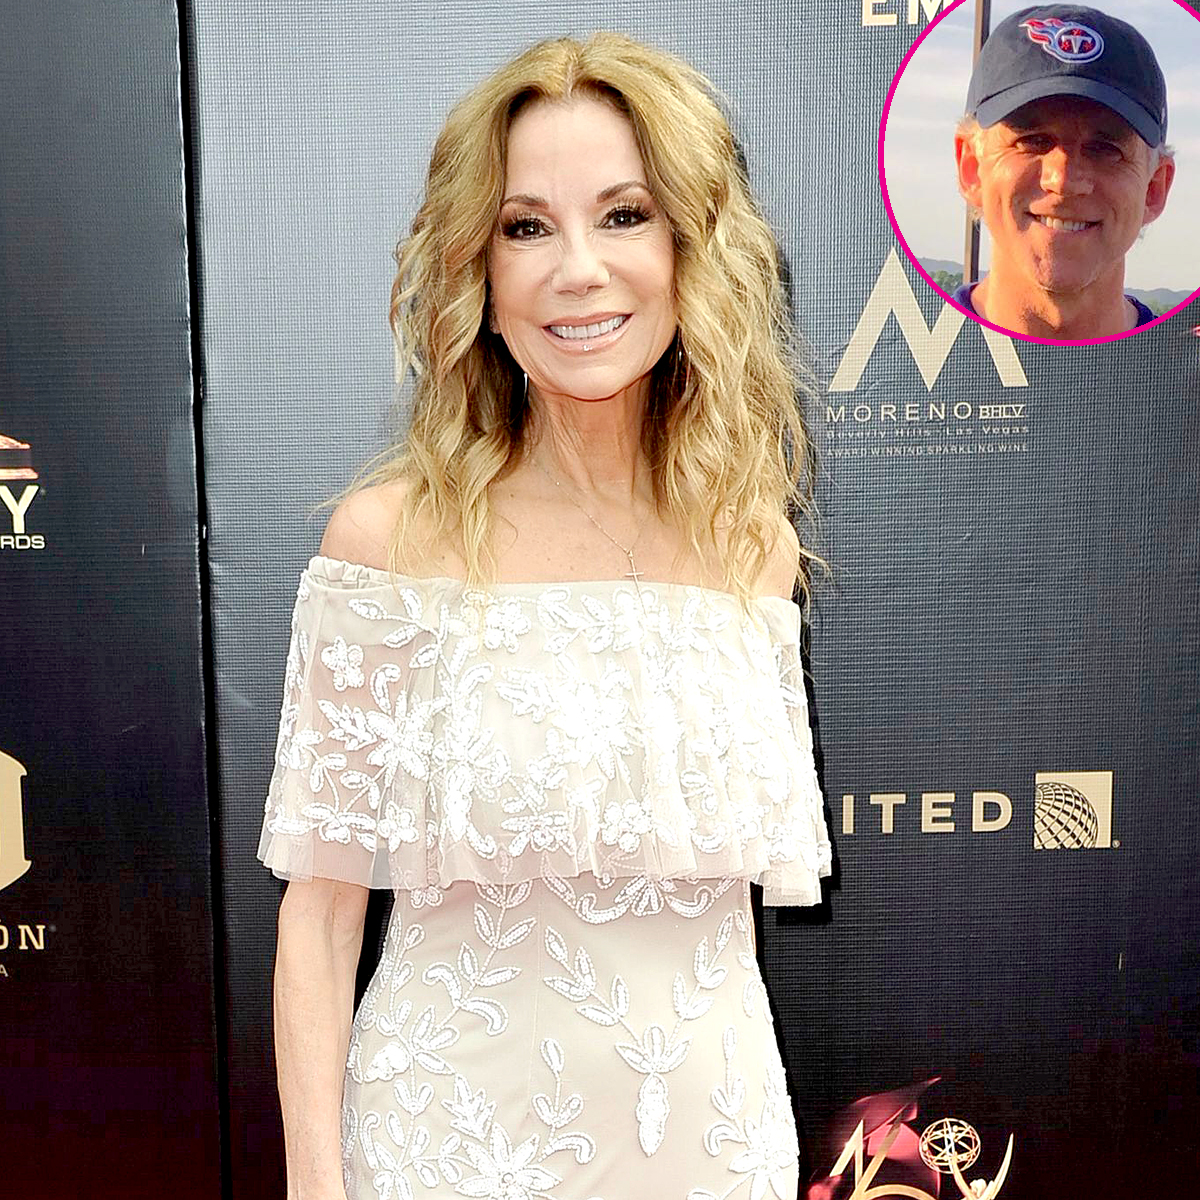 Kathie Lee Gifford S Rumored New Boyfriend Identified As Randy Cronk